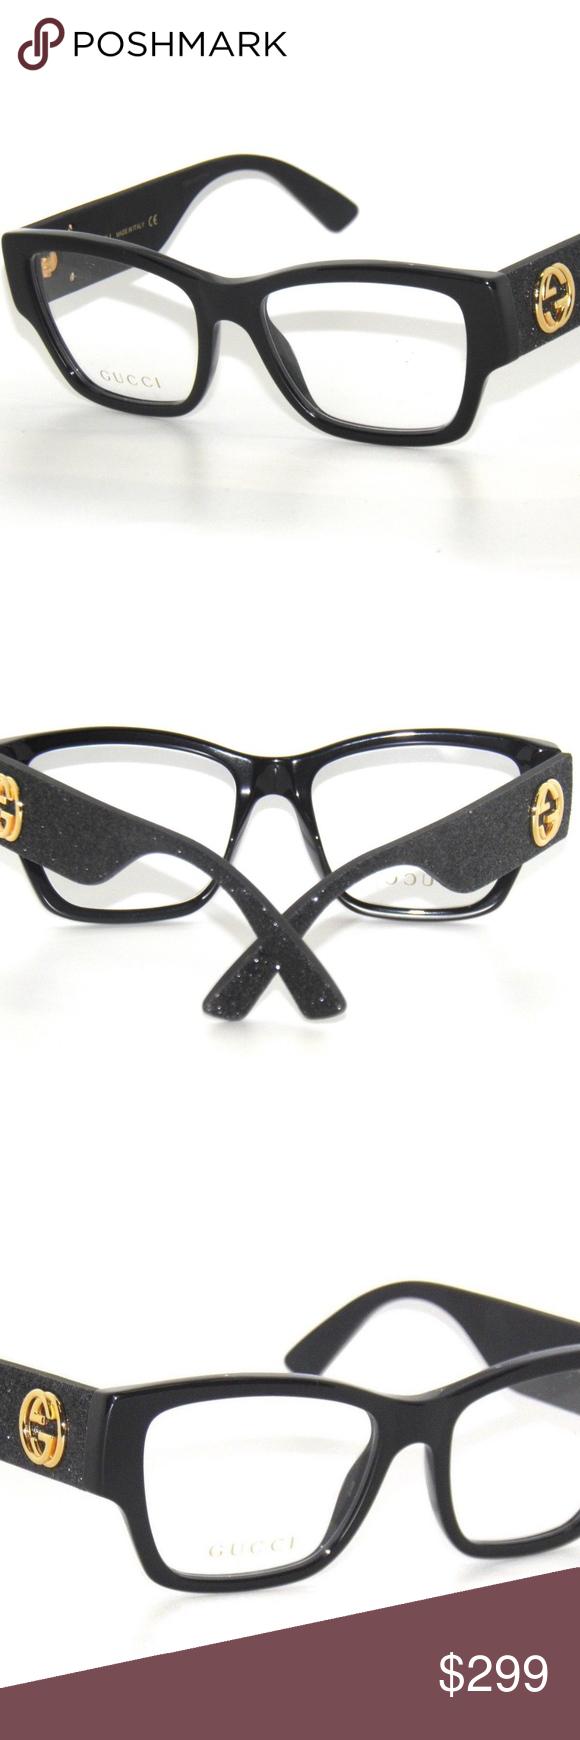 91be6821203 GUCCI GG0104O BLACK GLITTER 001 EYEglaSSeS AUTHENTIC AND BRAND NEW GUCCI  GG0104O BLACK GLITTER 001 EYEglaSSeS GUCCI Accessories Glasses